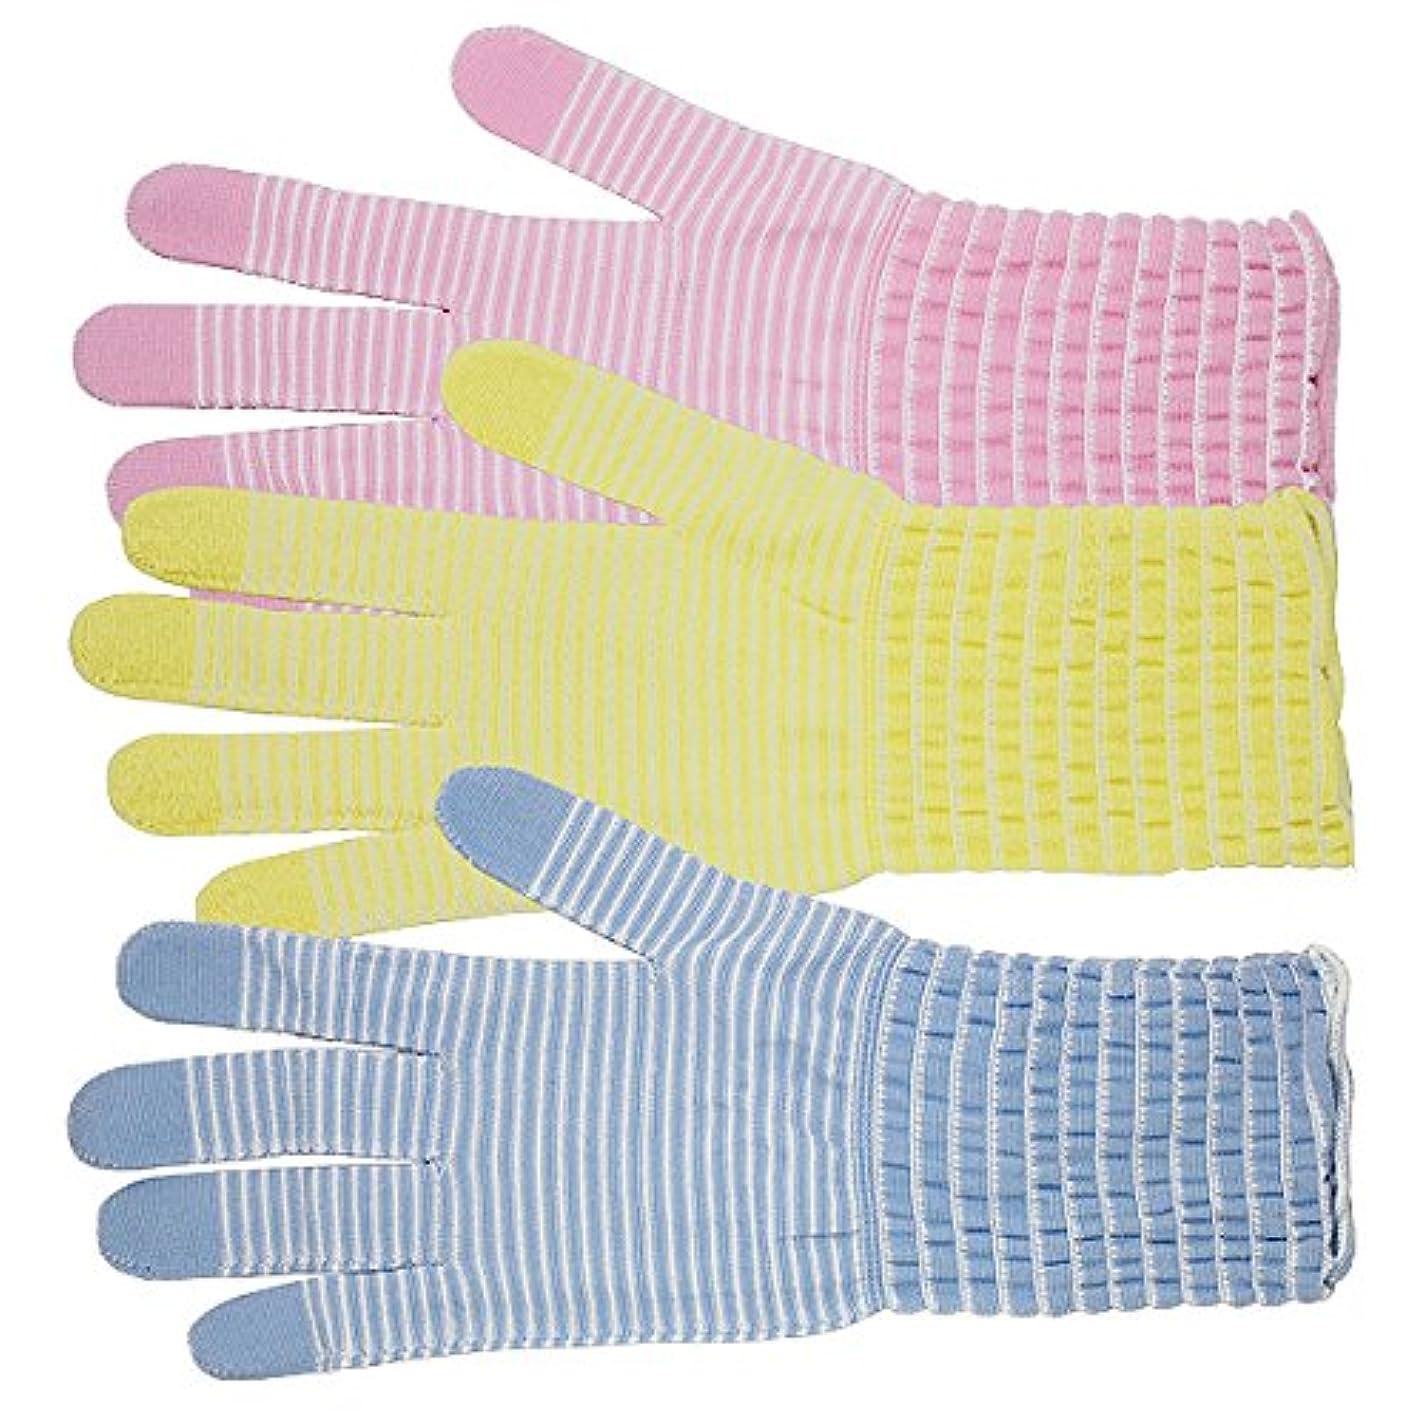 困った見える魅力的であることへのアピールコラーゲン手袋 モイストコート003 ソーダ